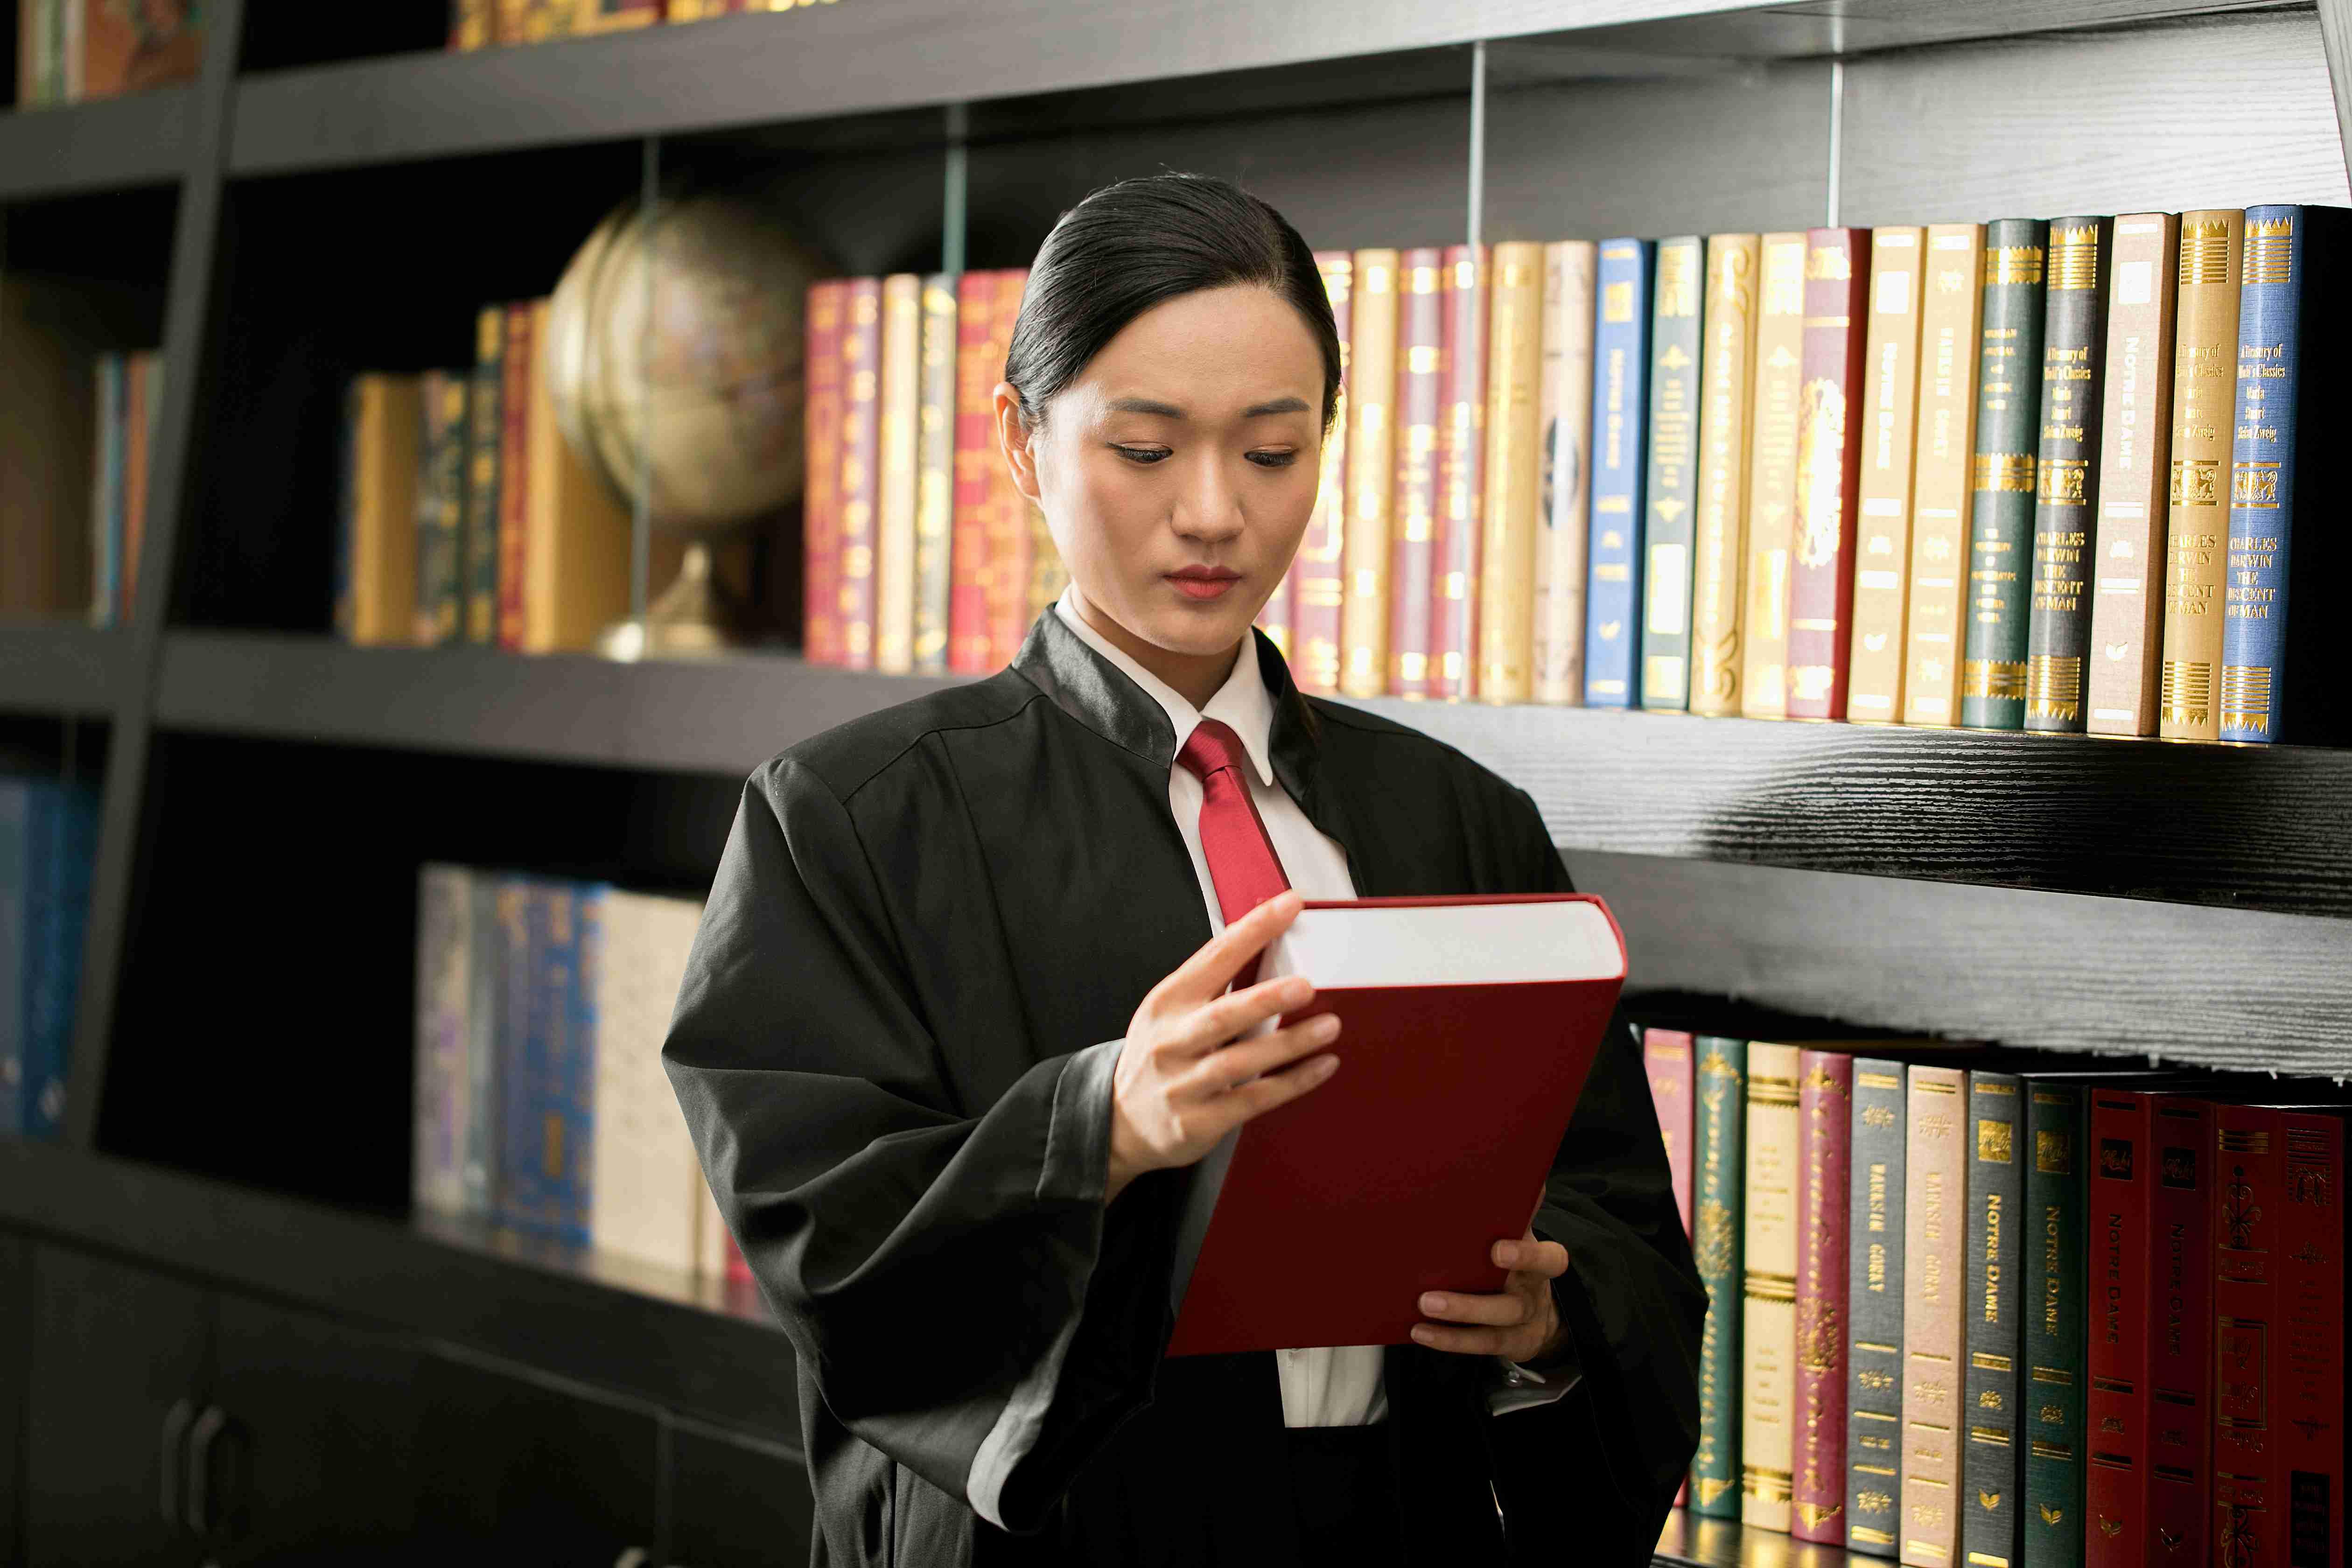 外观专利侵权判定步骤,帮你识别究竟有无侵权行为!